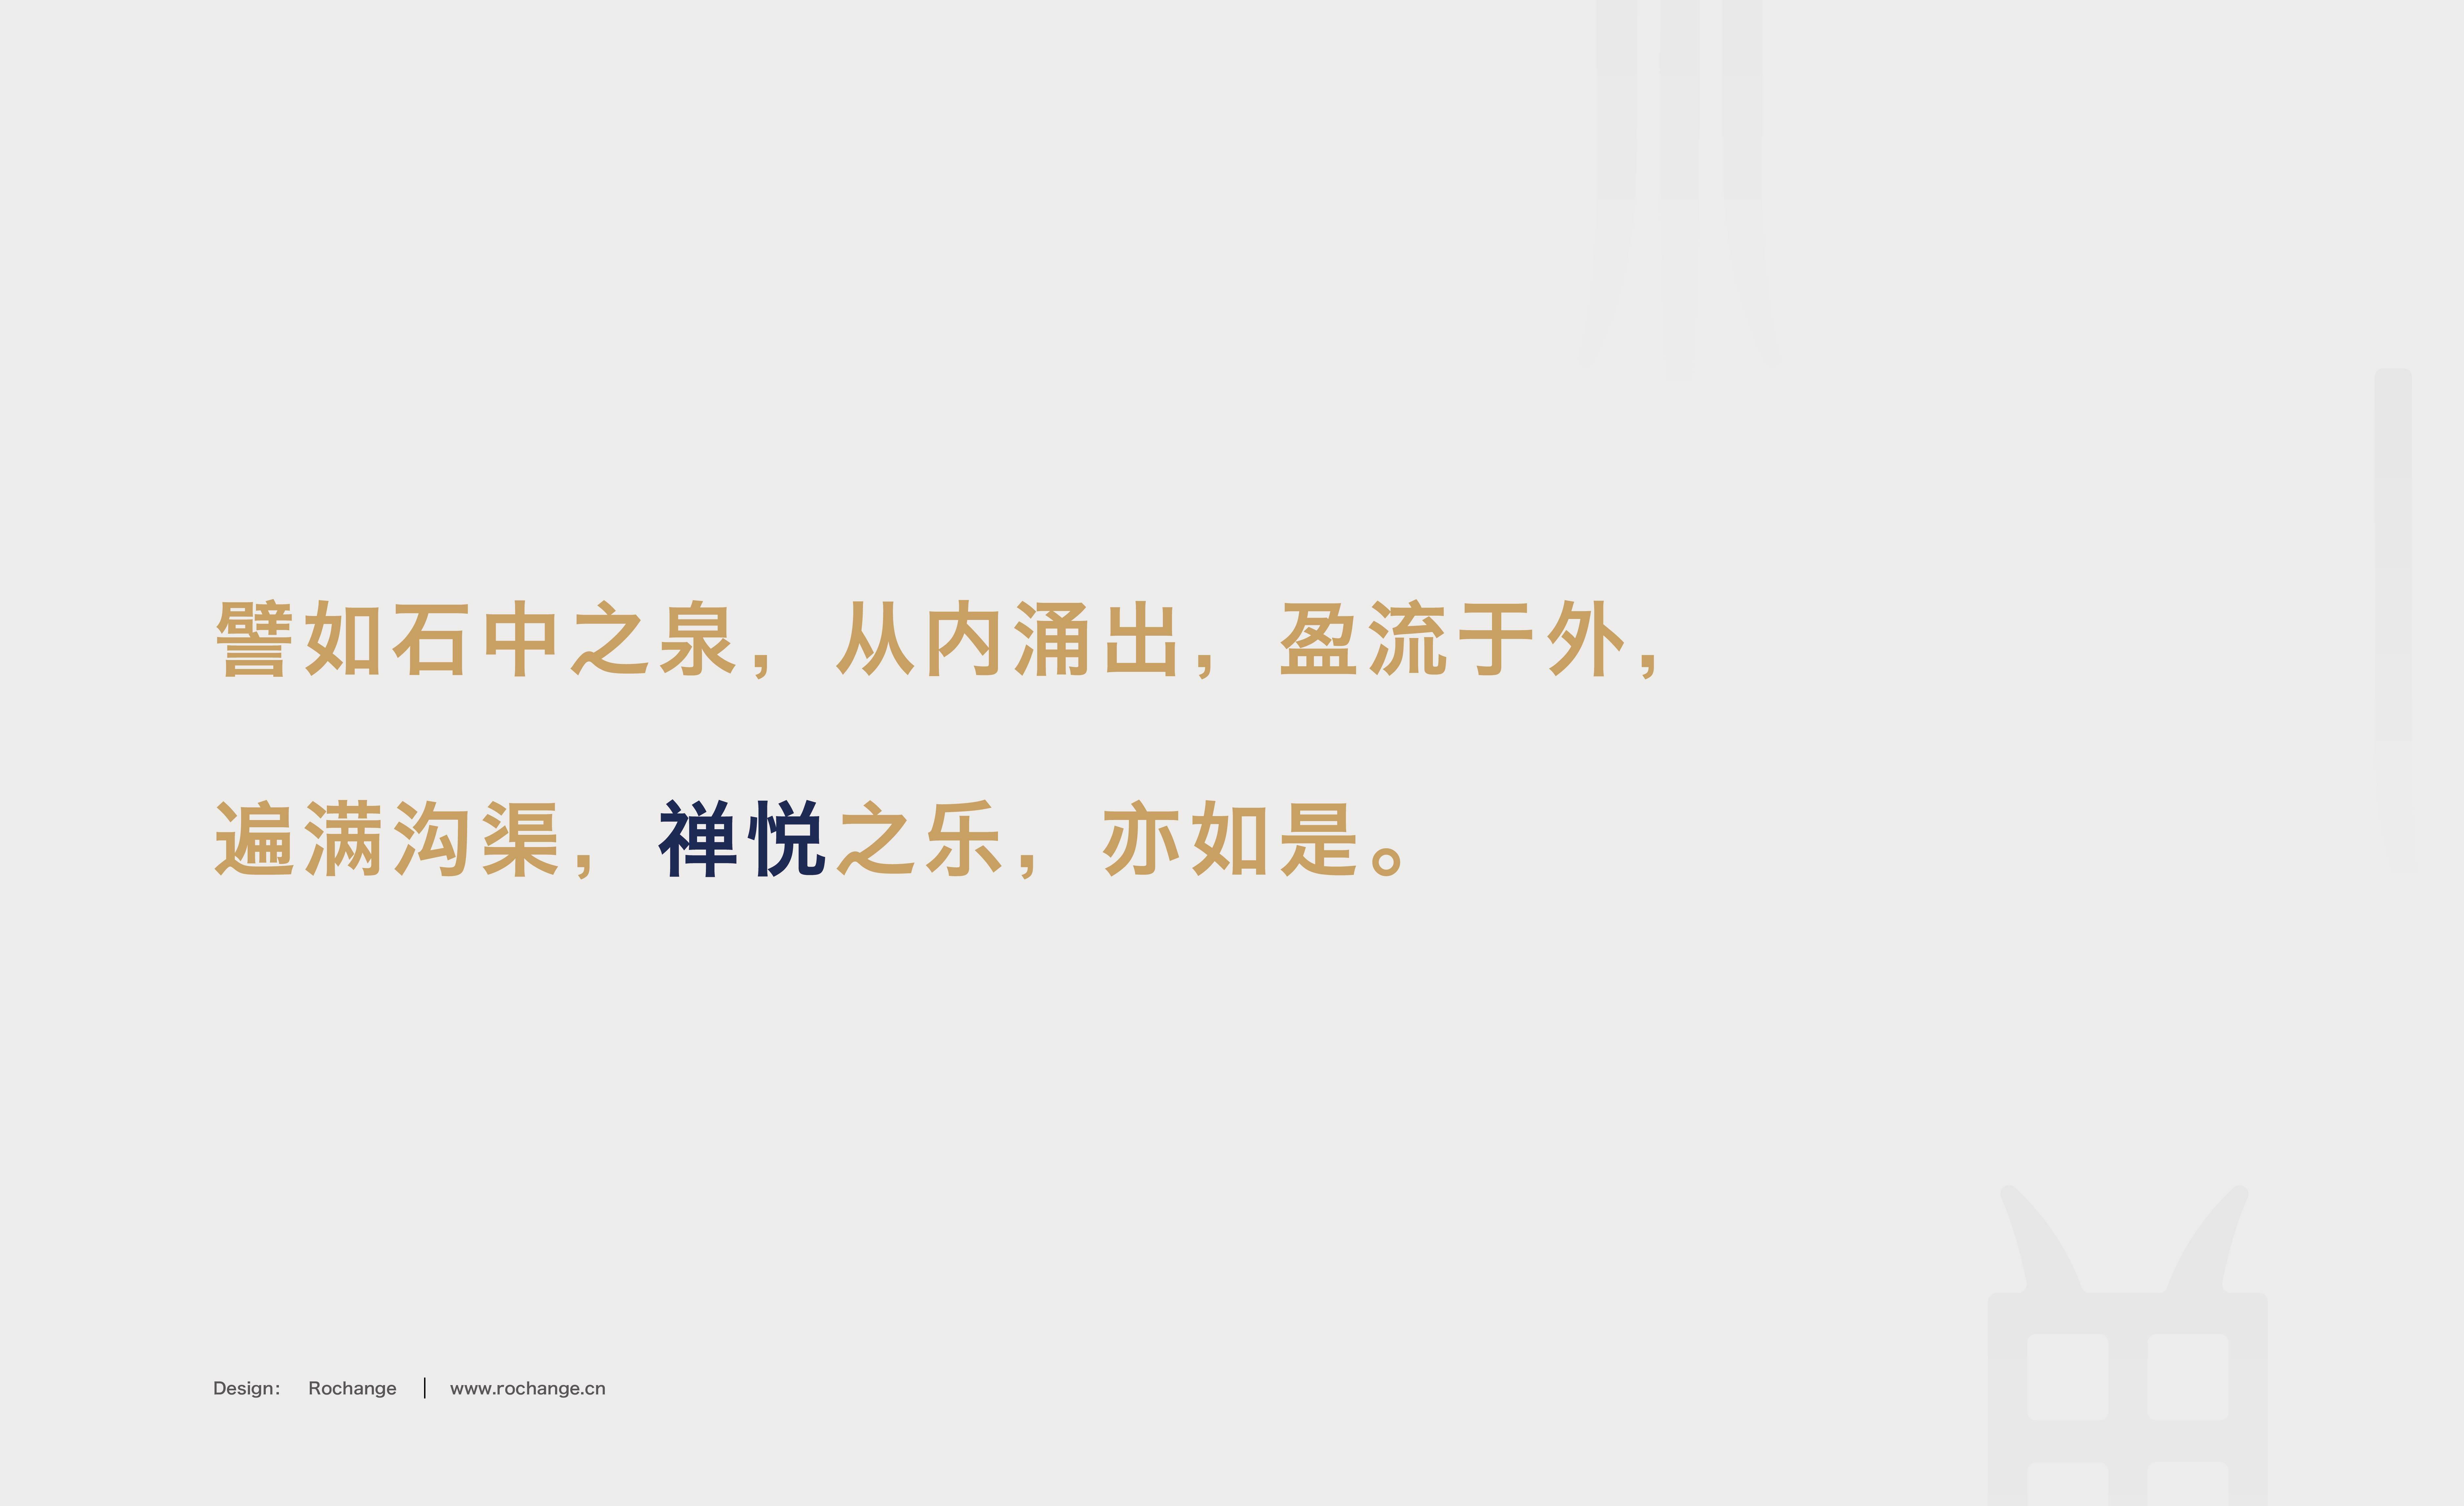 禅悦品牌形象4.jpg